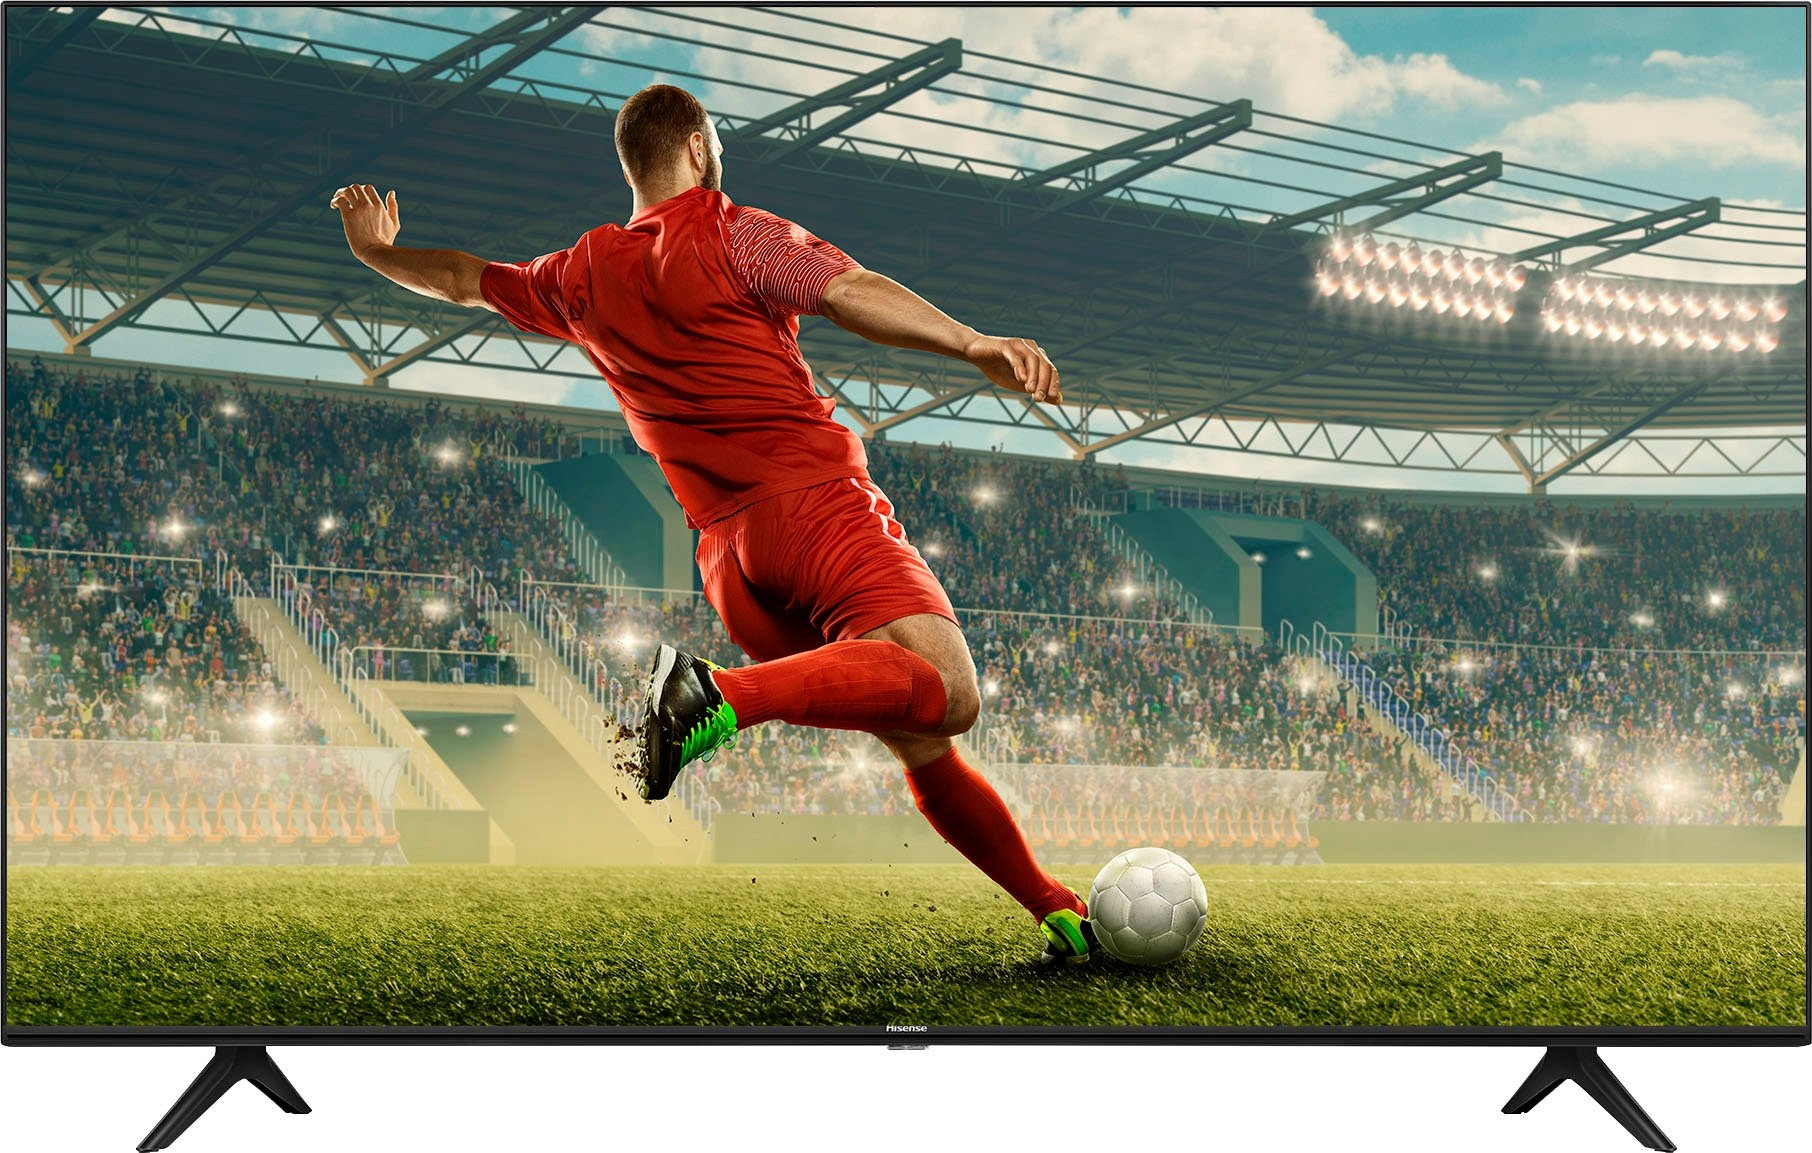 Hisense led-TV 55AE7010F, 139 cm / 55